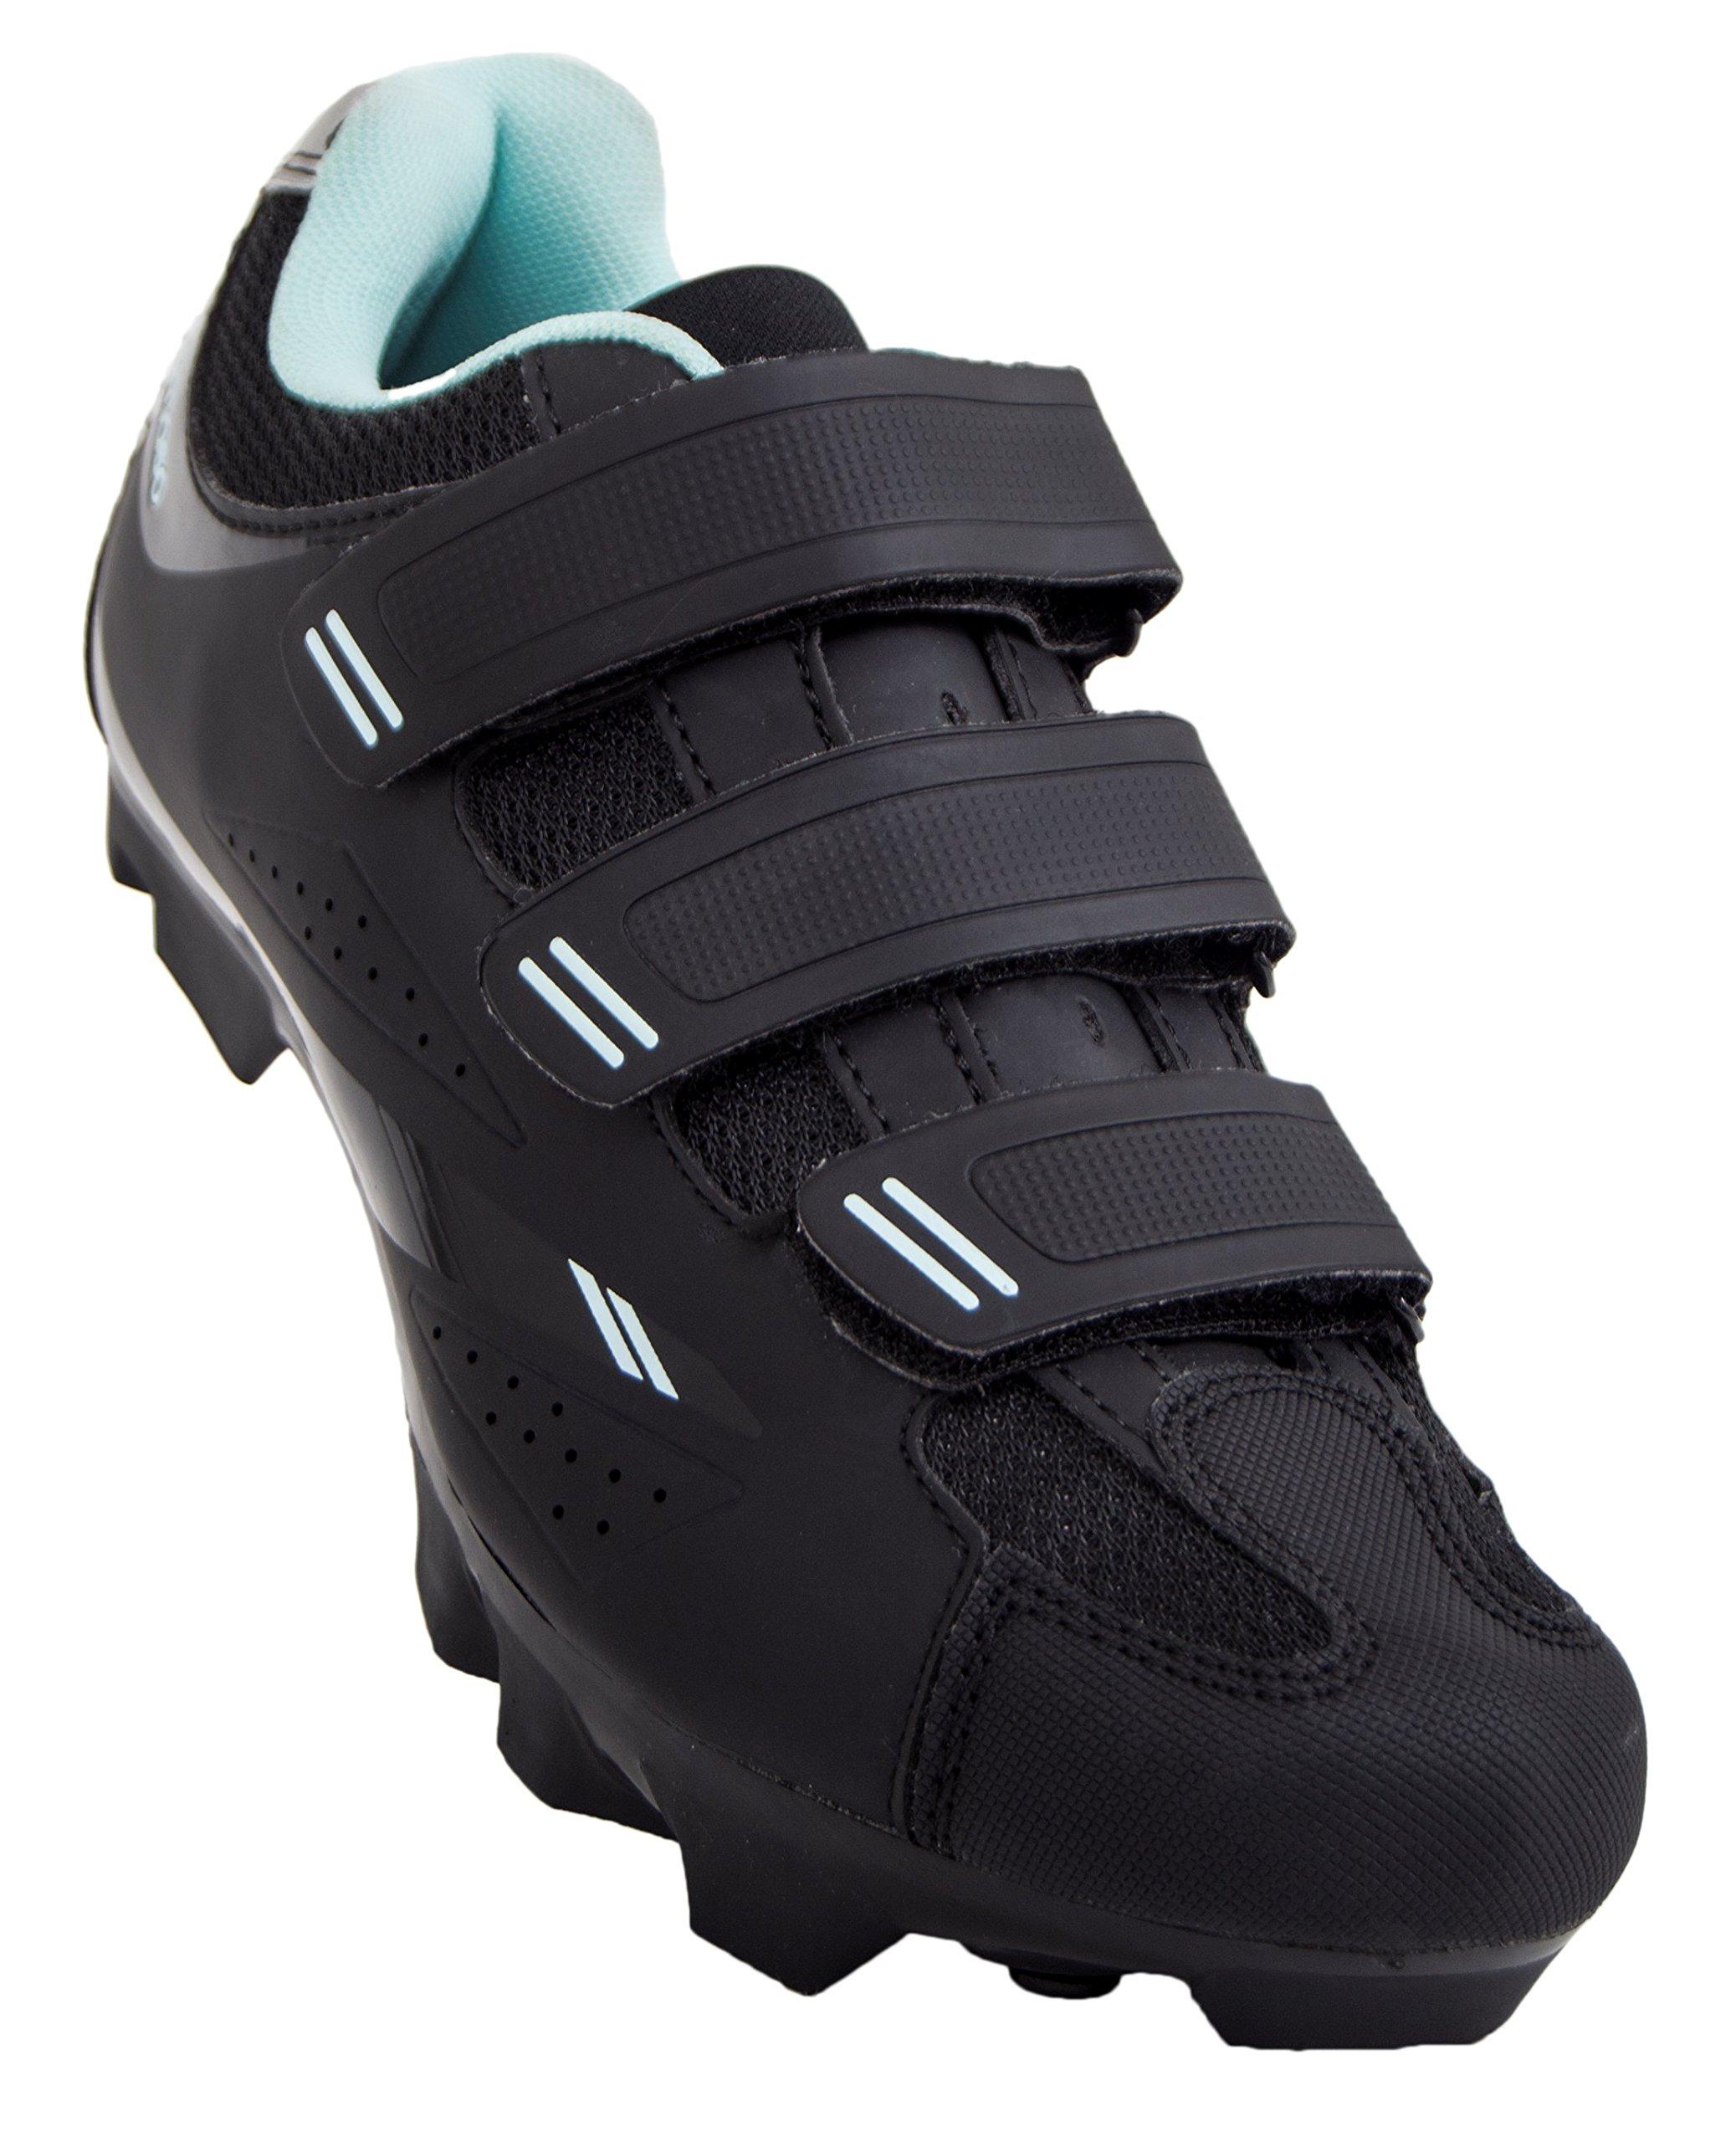 Tommaso Terra 100 Women's Mountain/Fitness SPD Biking Spin Shoe - Black/Teal - 40